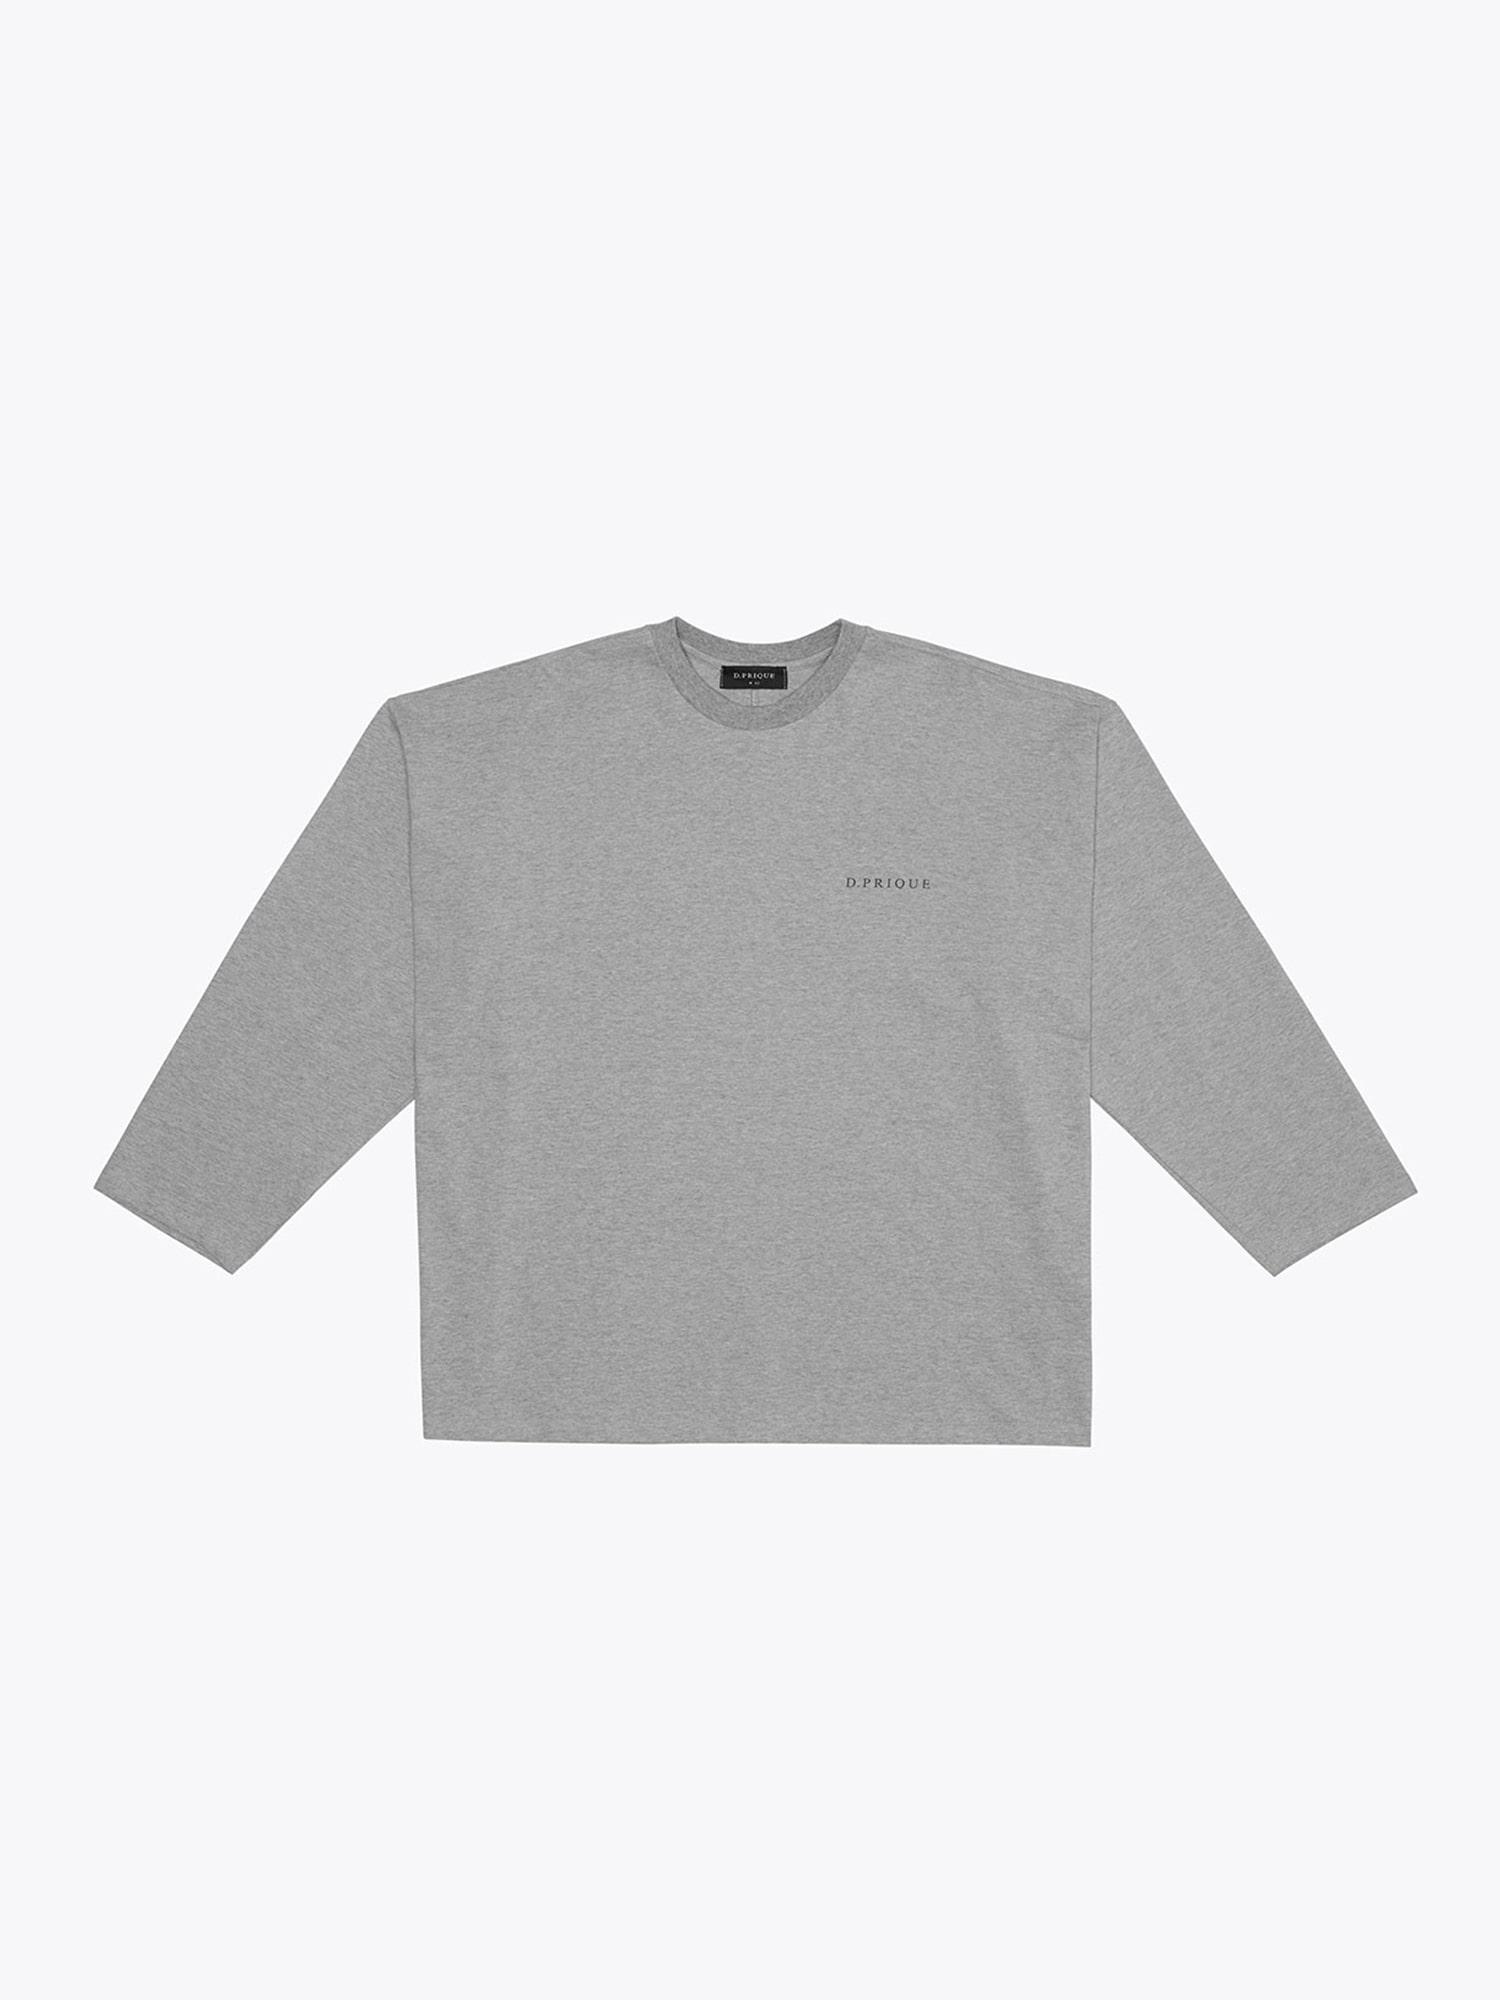 Oversized Long Sleeve T-Shirt - Grey